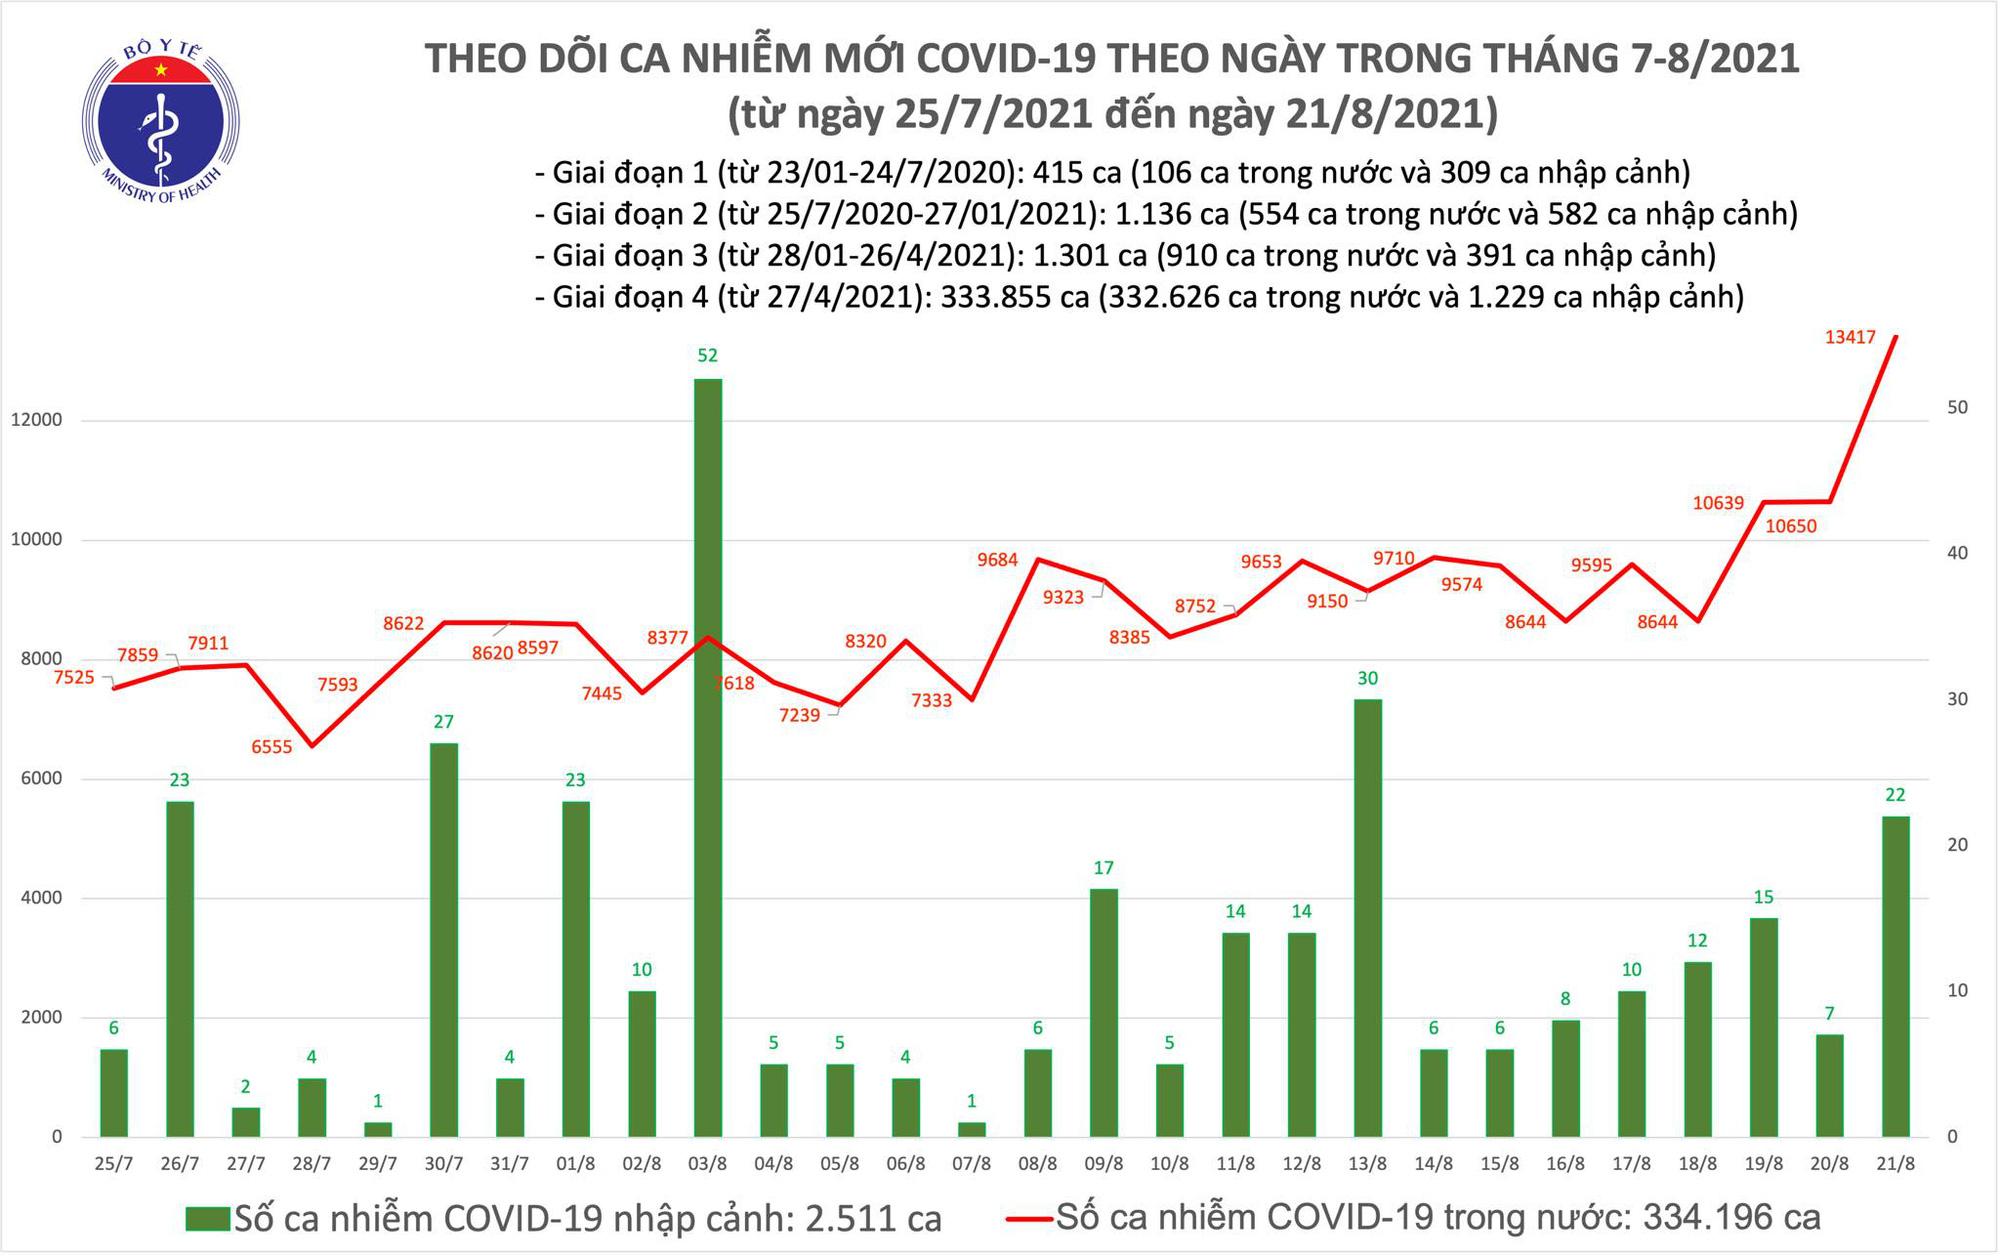 Tối 21/8: Thêm 11.321 ca COVID-19, Bình Dương tiếp tục nhiều nhất với 4.505 ca - Ảnh 1.